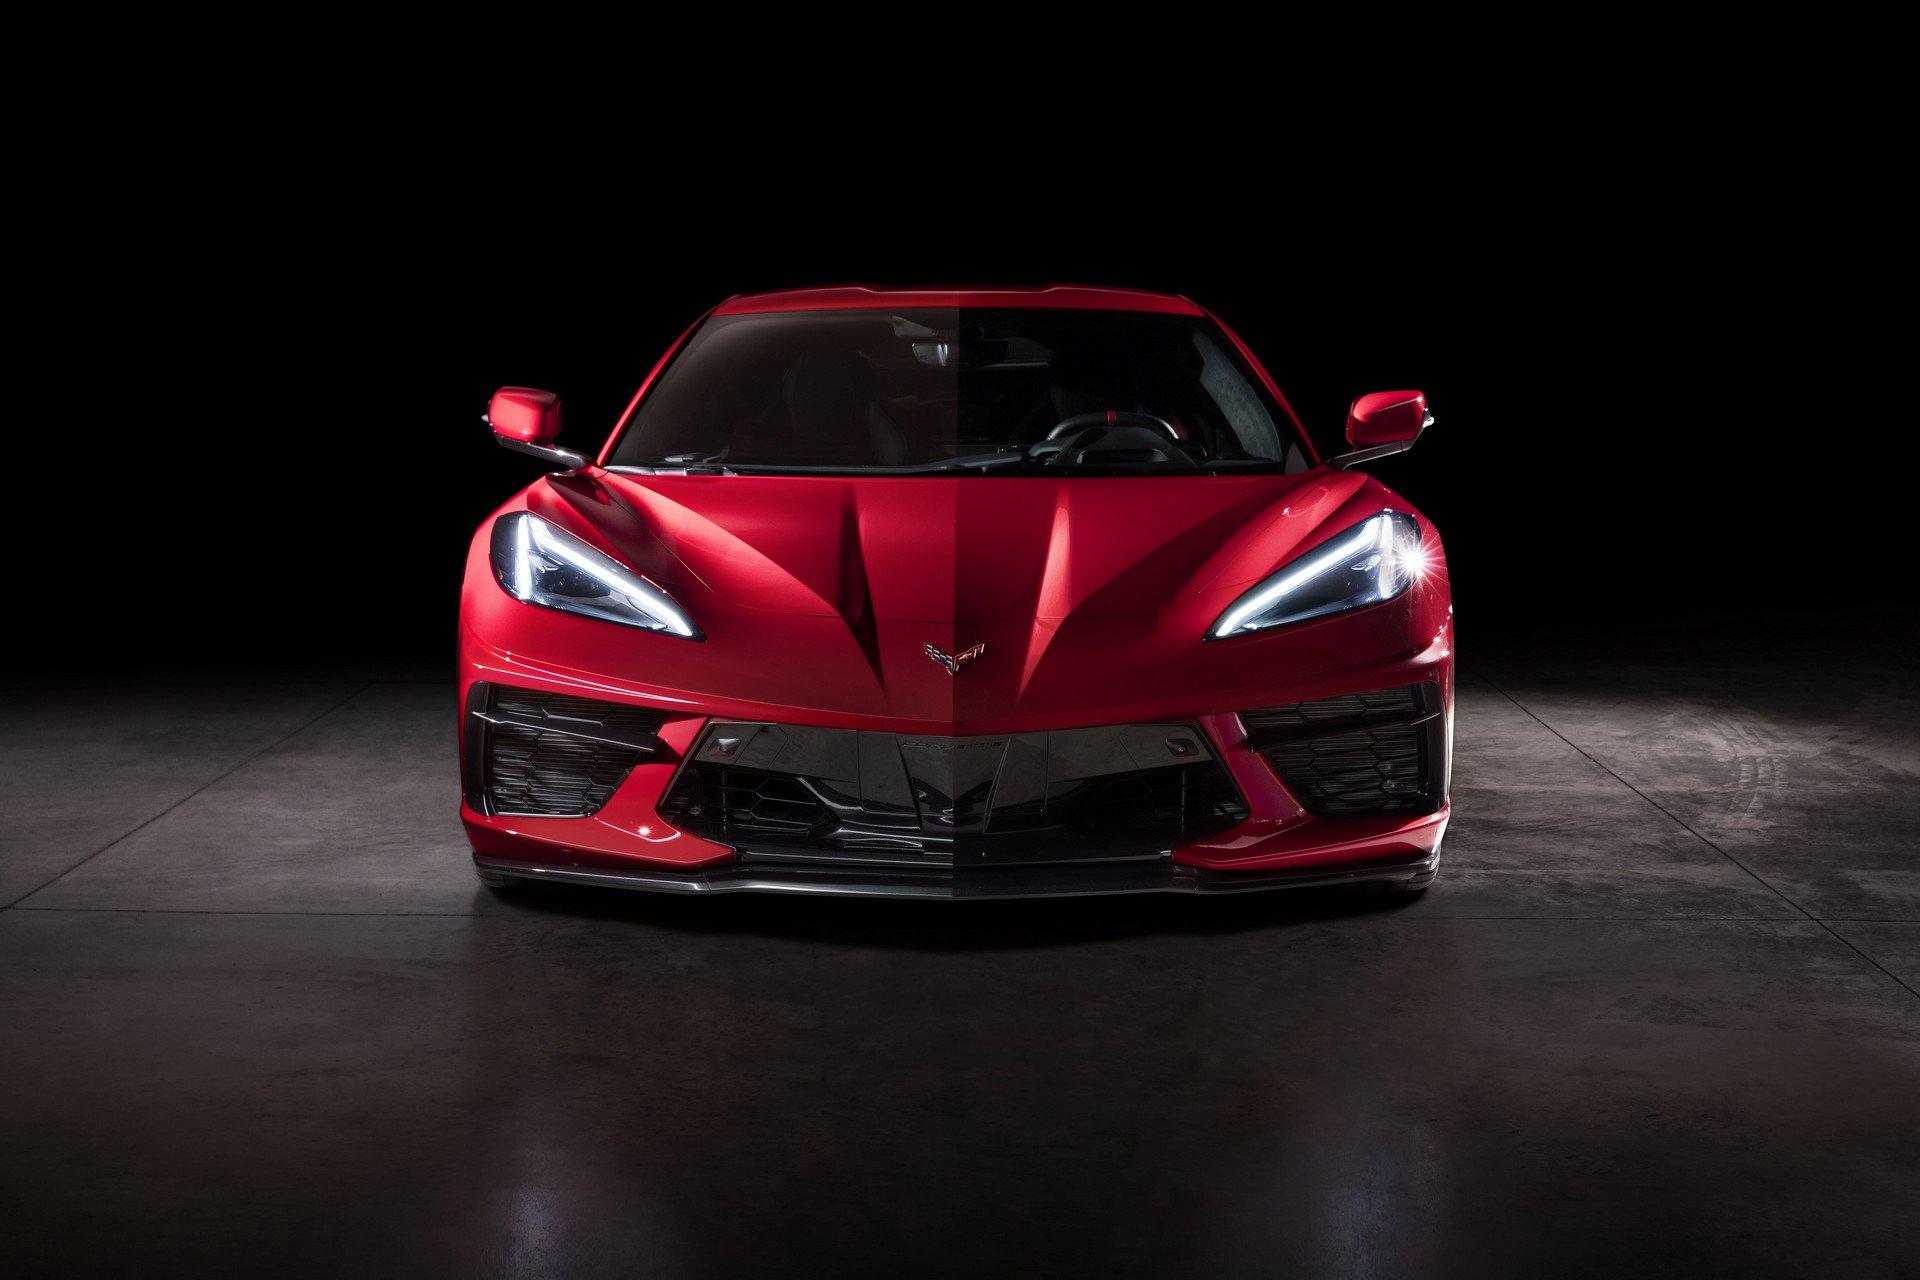 Chevrolet ra mắt Corvette C8 thế hệ mới thiết kế táo bạo, động cơ đặt giữa - 13